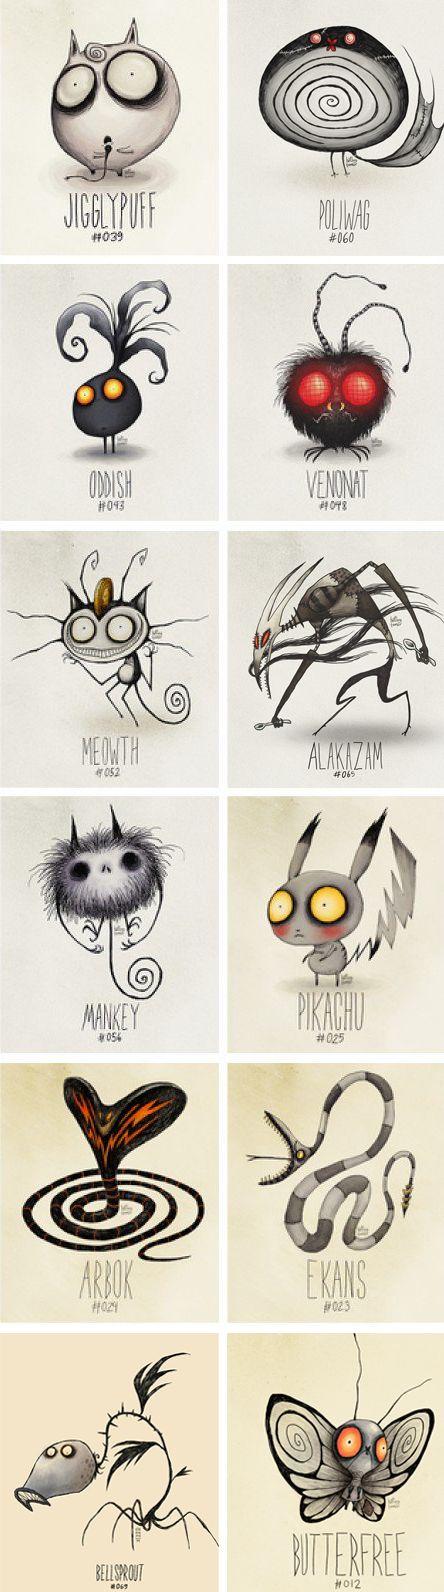 GD5 - Tim Burton Style - enge beesten - grote ogen allemaal